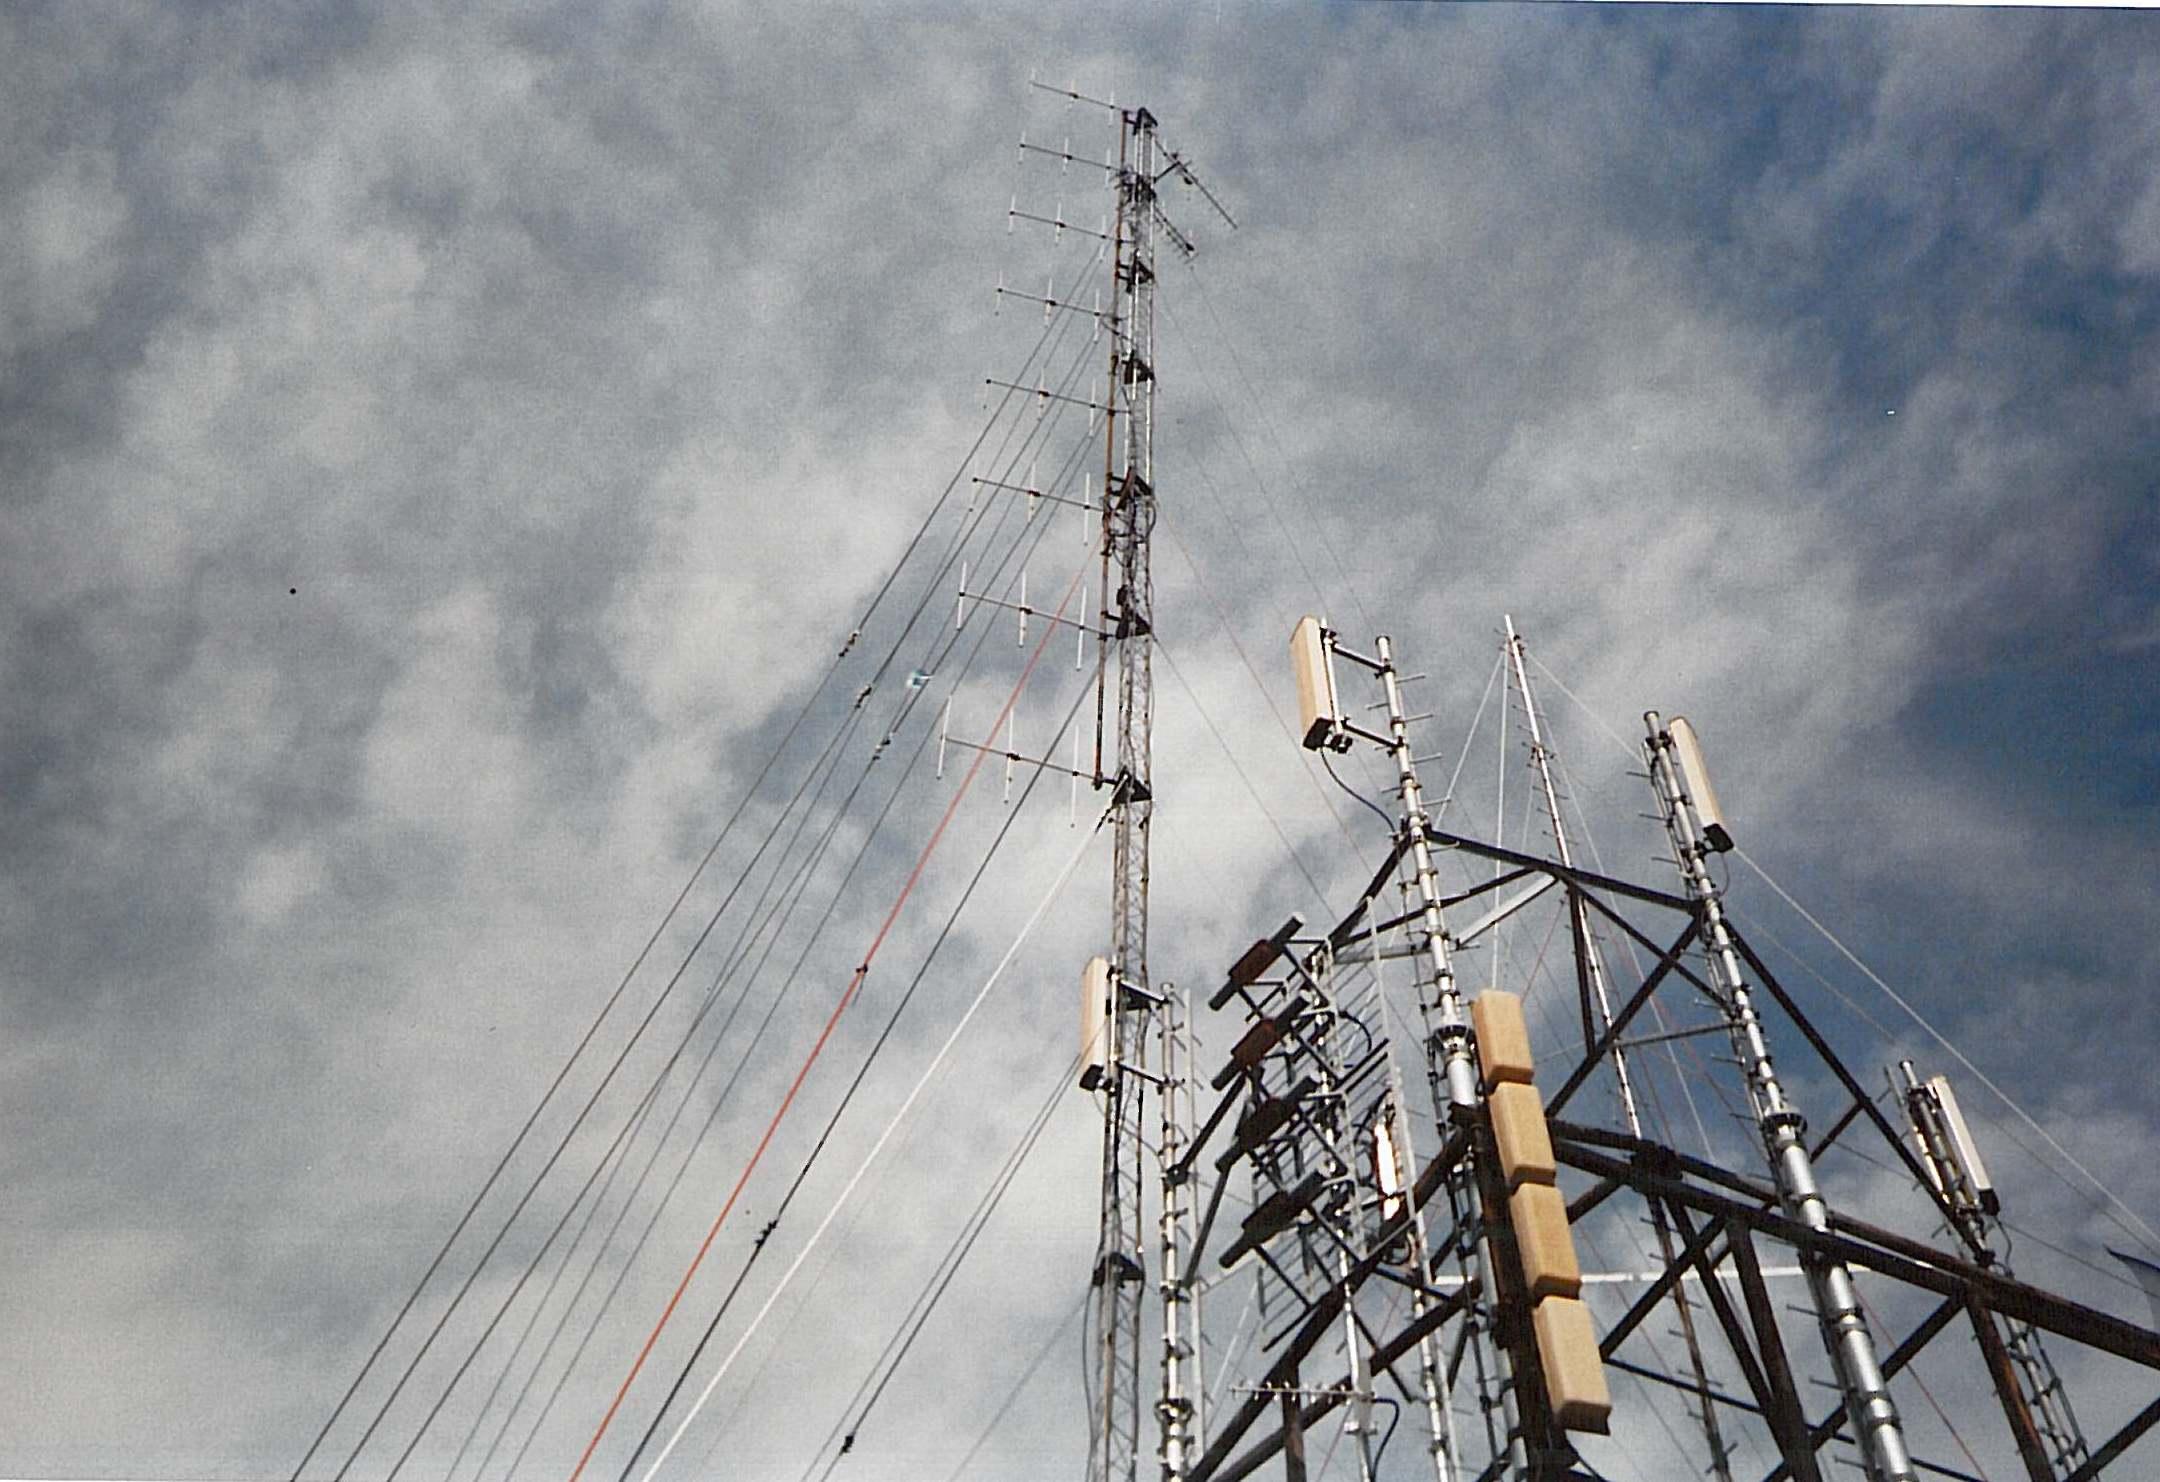 Antenne Torre Eureka Nerviano - Radio. In macchina tra passato e futuro: autoradio come test per le prove tecniche di trasmissione ai tempi delle emittenti libere